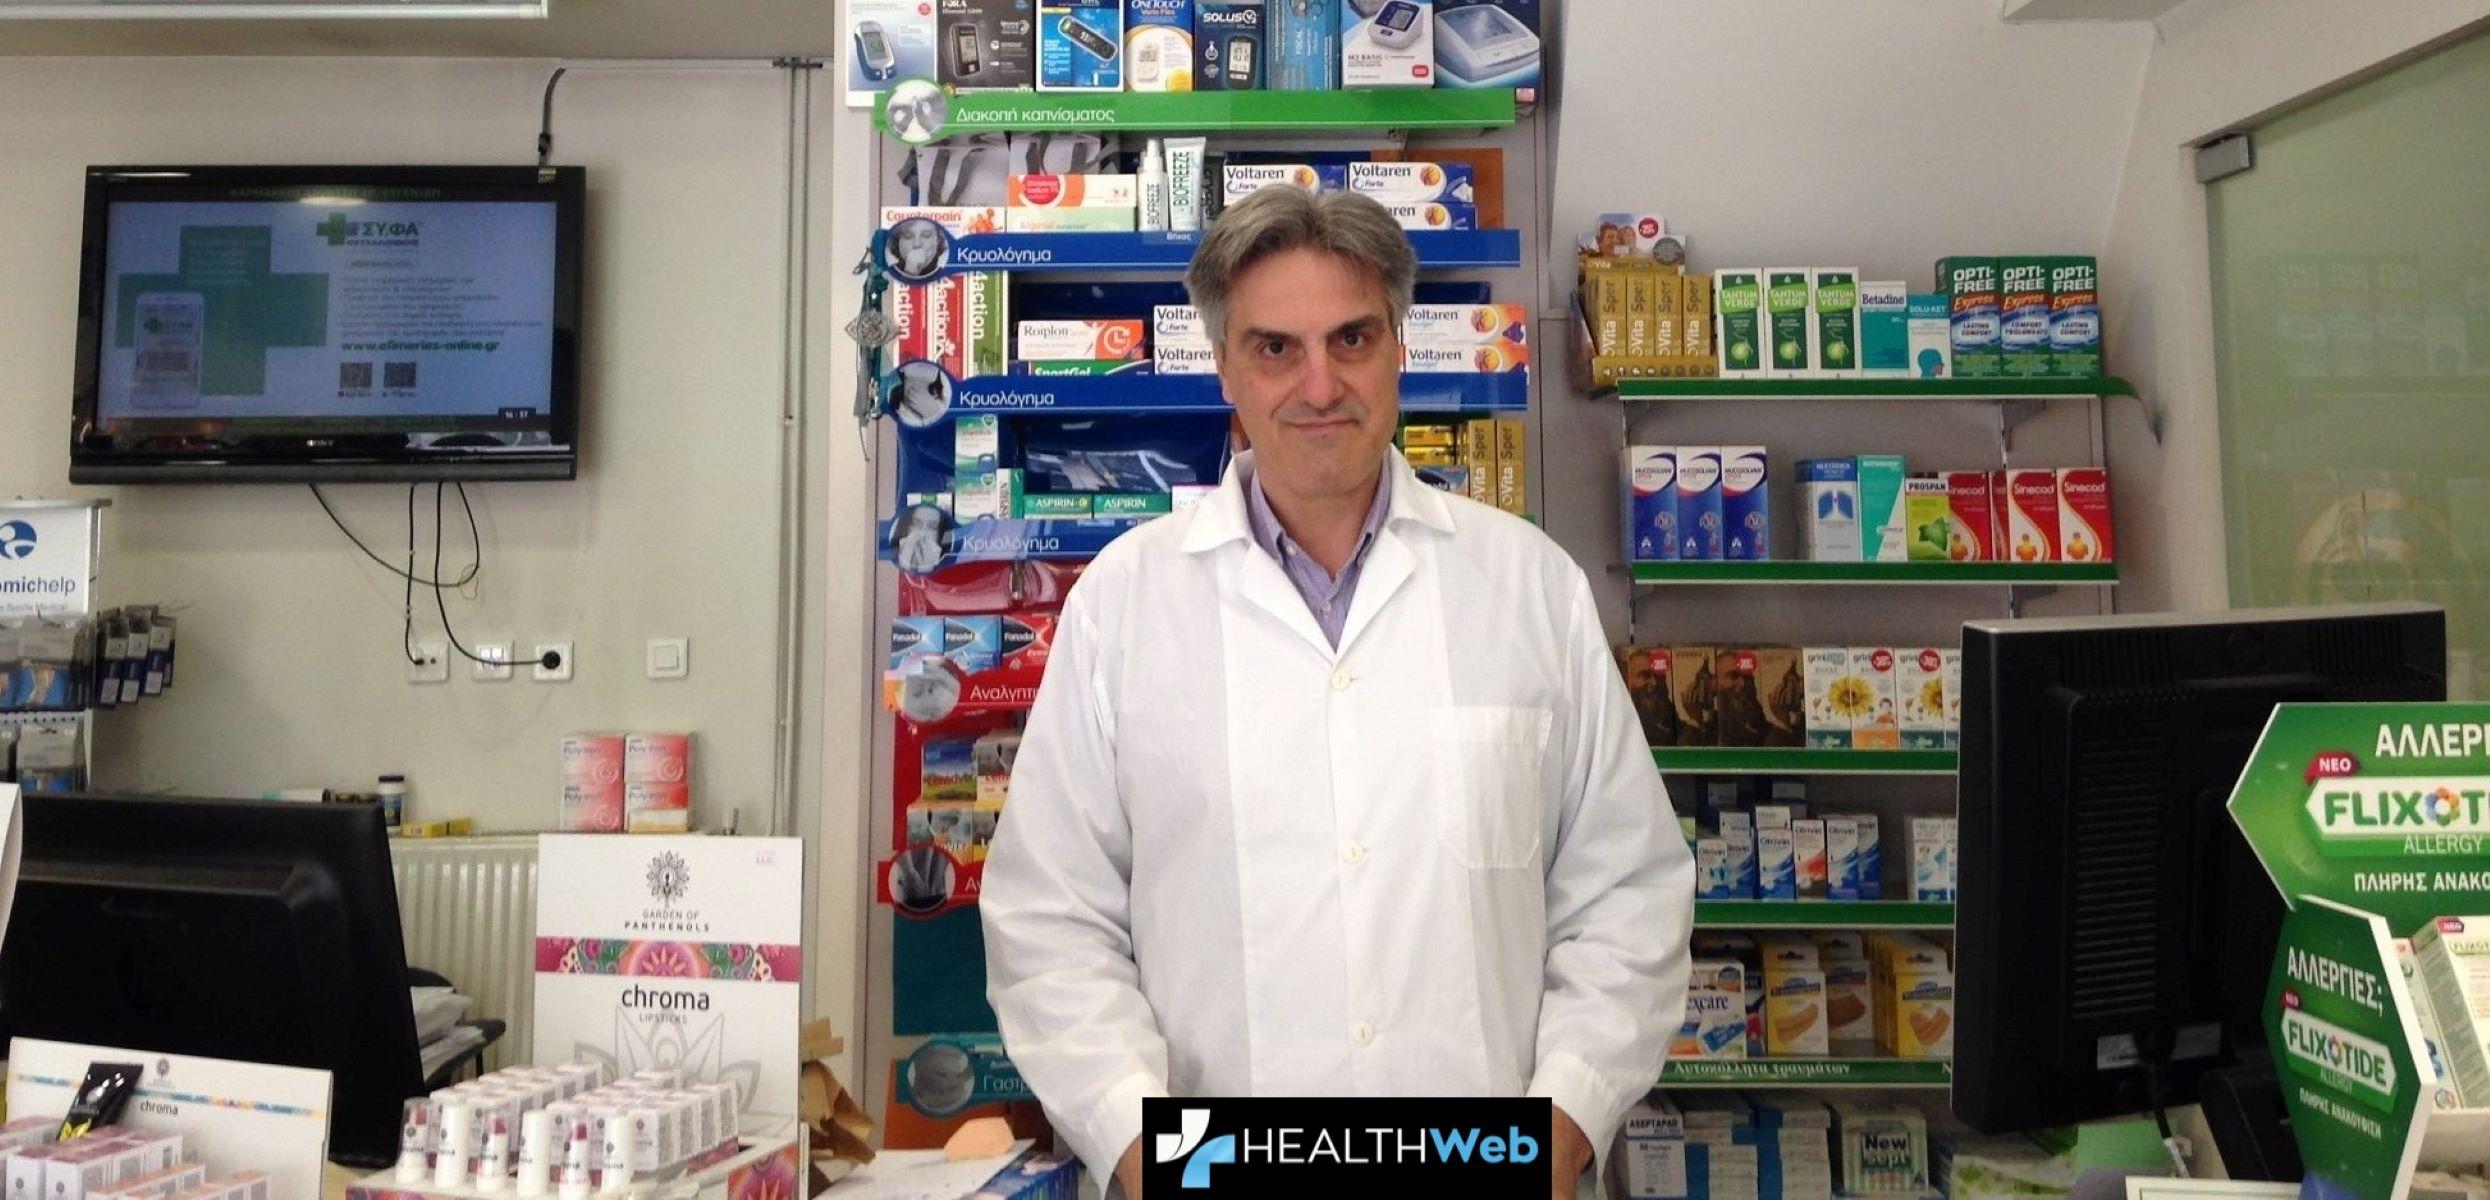 Διονύσιος Ευγενίδης ΦΣΘ στο healthweb.gr: Αυξήθηκε η ζήτηση των συνταγογραφούμενων φαρμάκων χωρίς ιατρική συνταγή